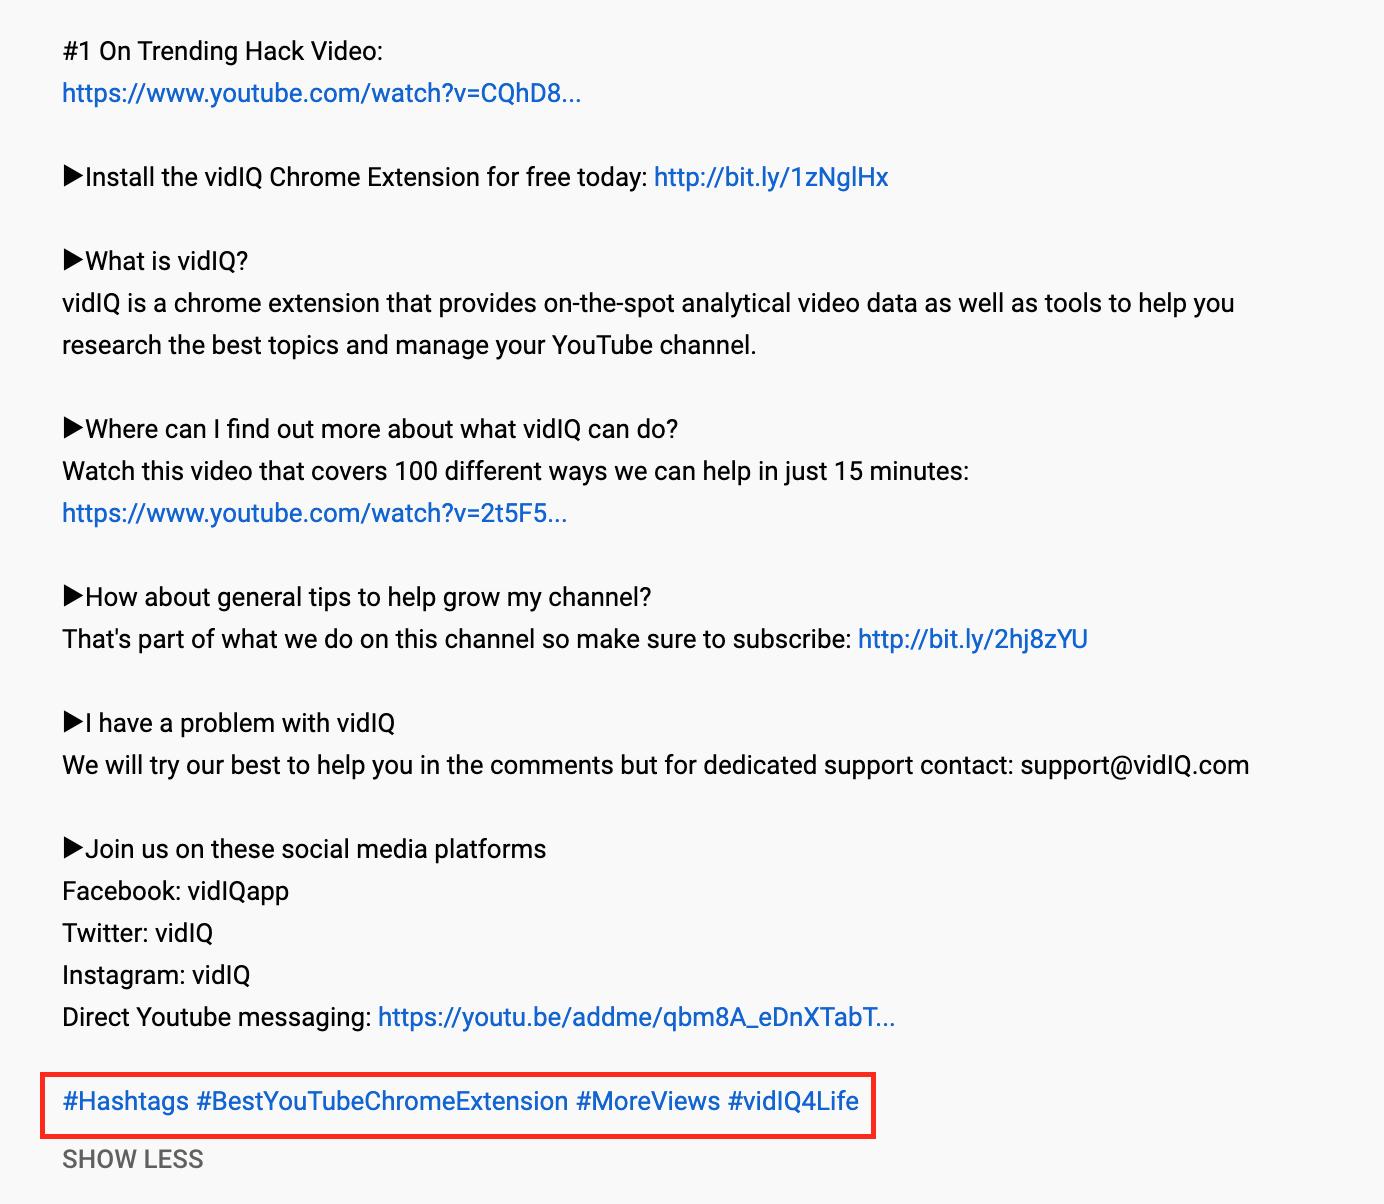 vidIQ uses four hashtags,